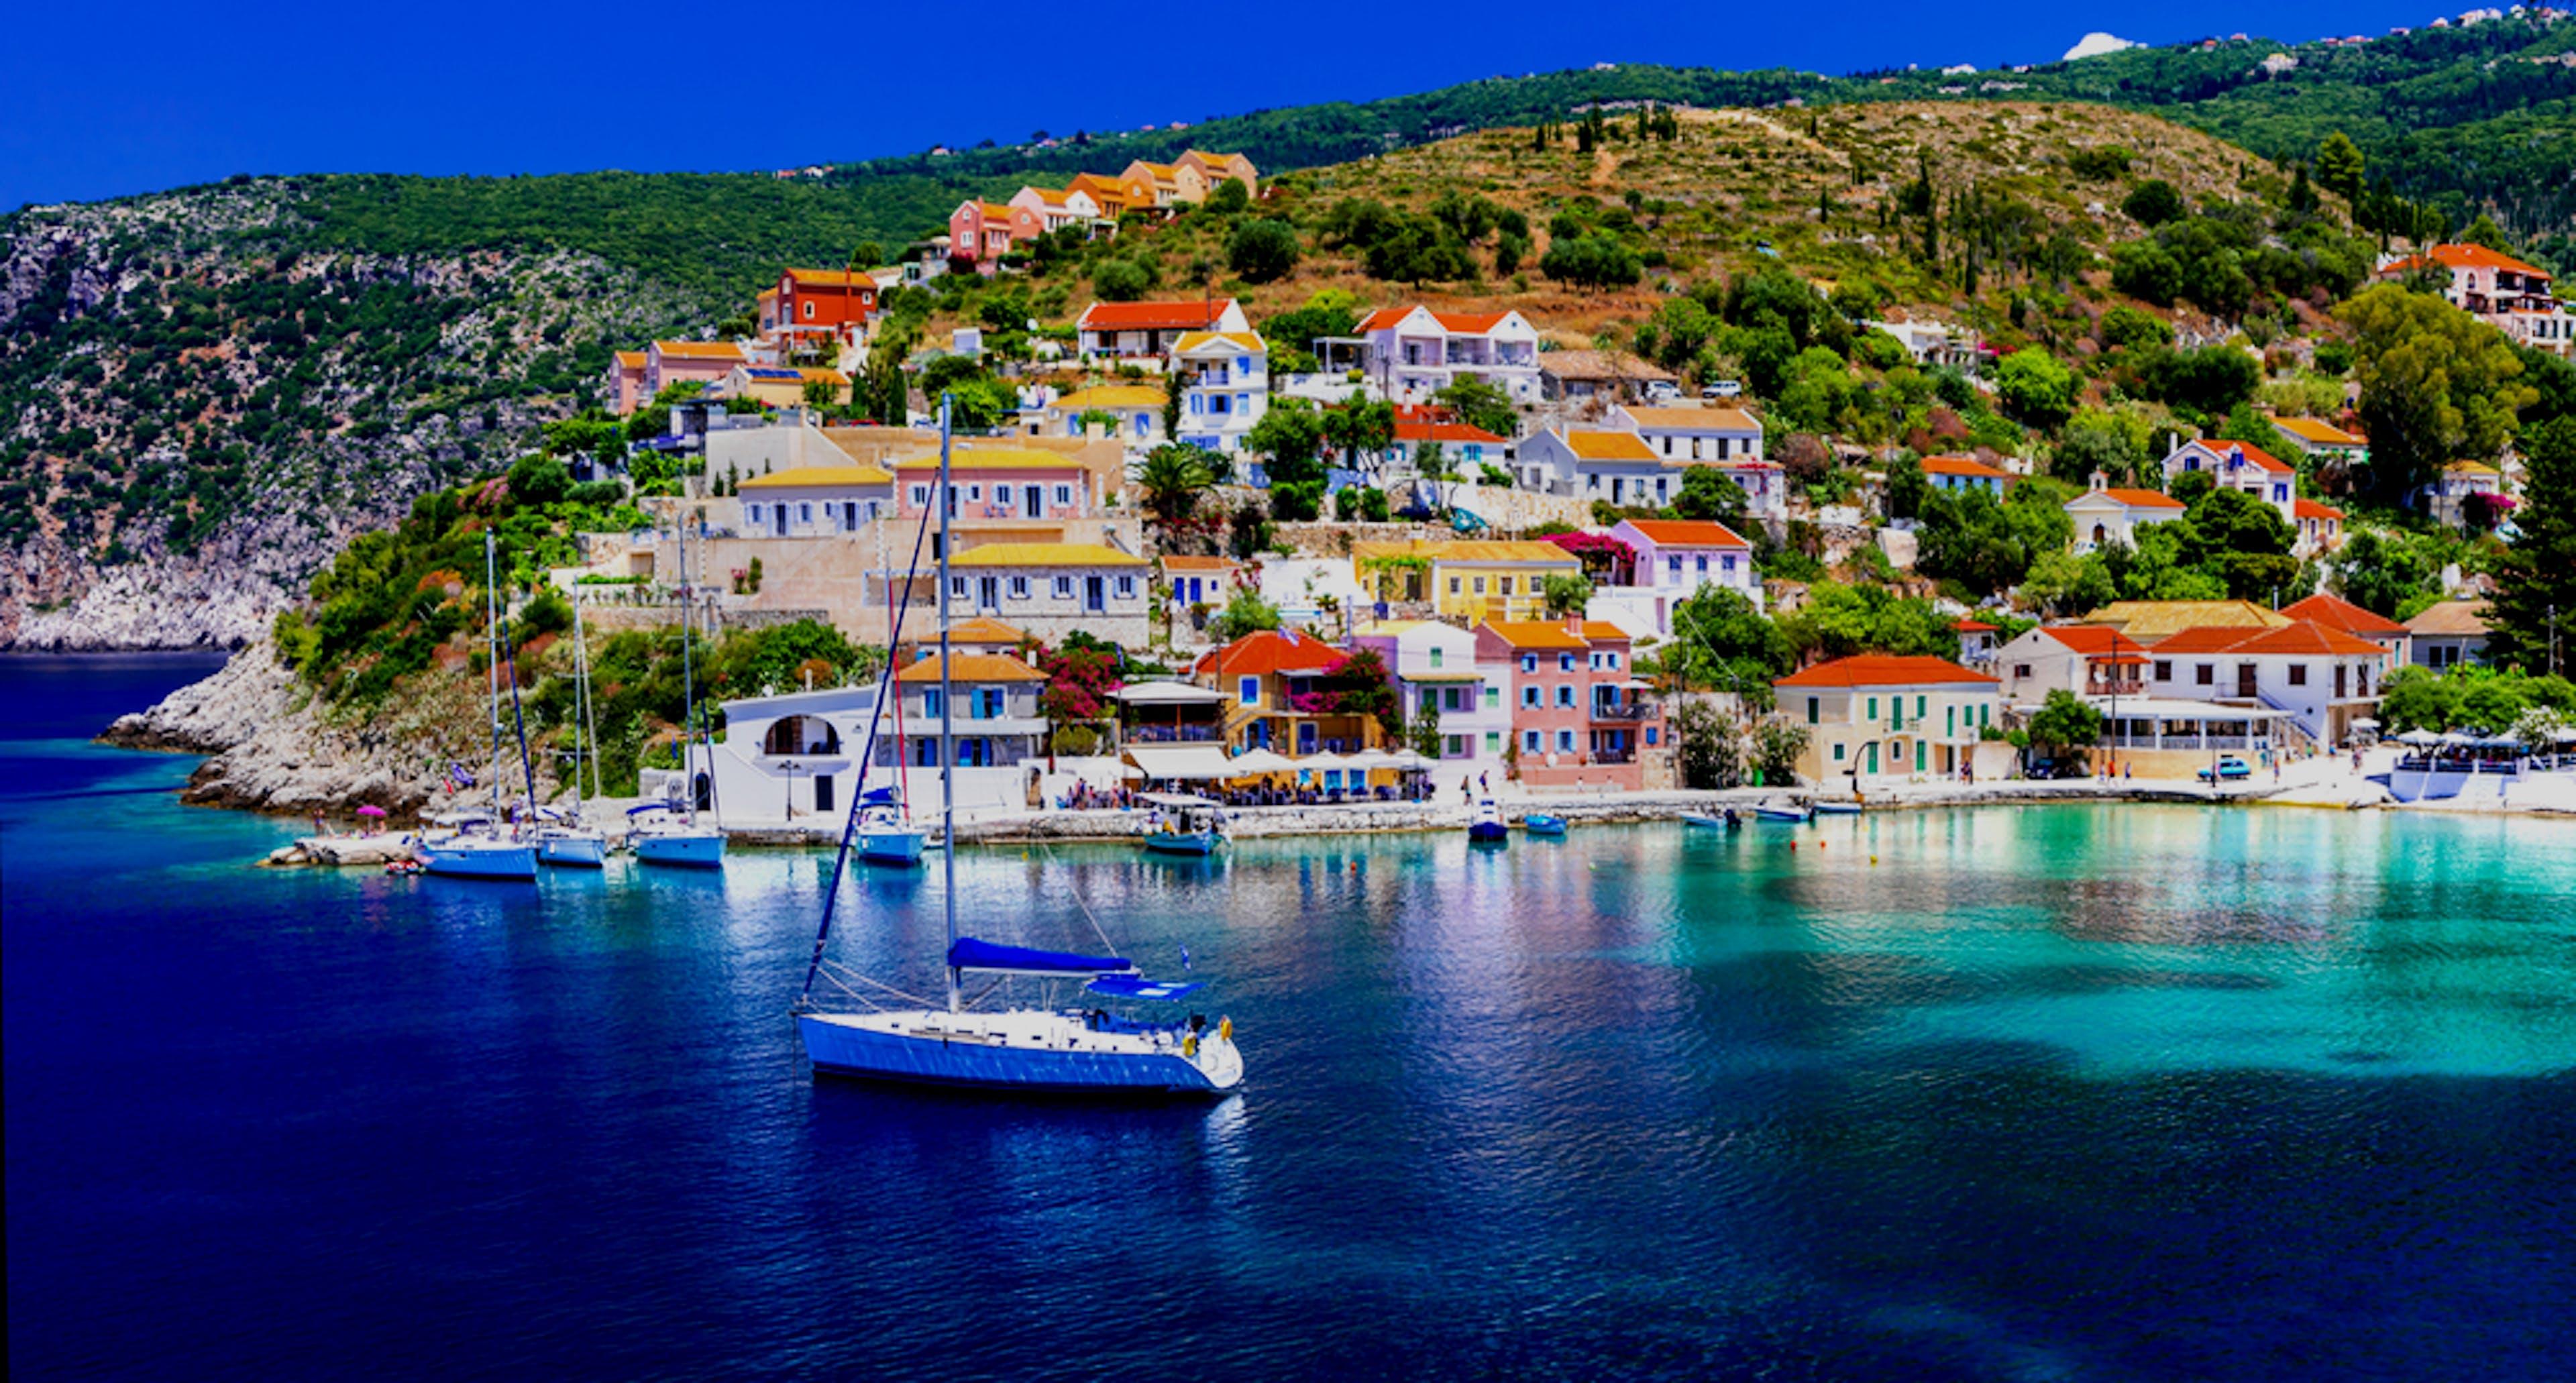 Ionian Greece